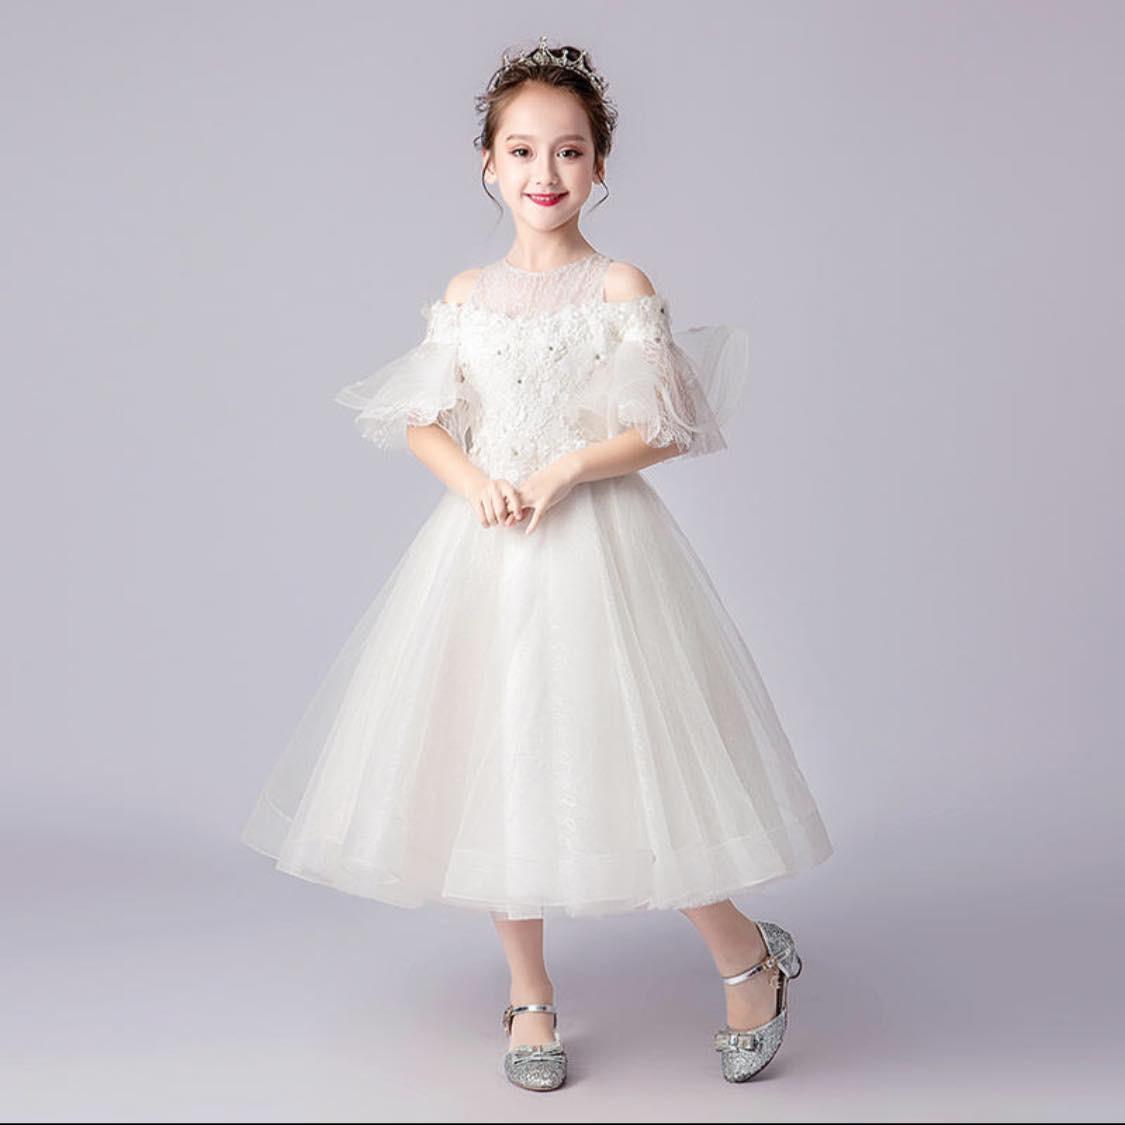 Váy công chúa cao cấp trẻ em mã 179 | Jinshop.vip